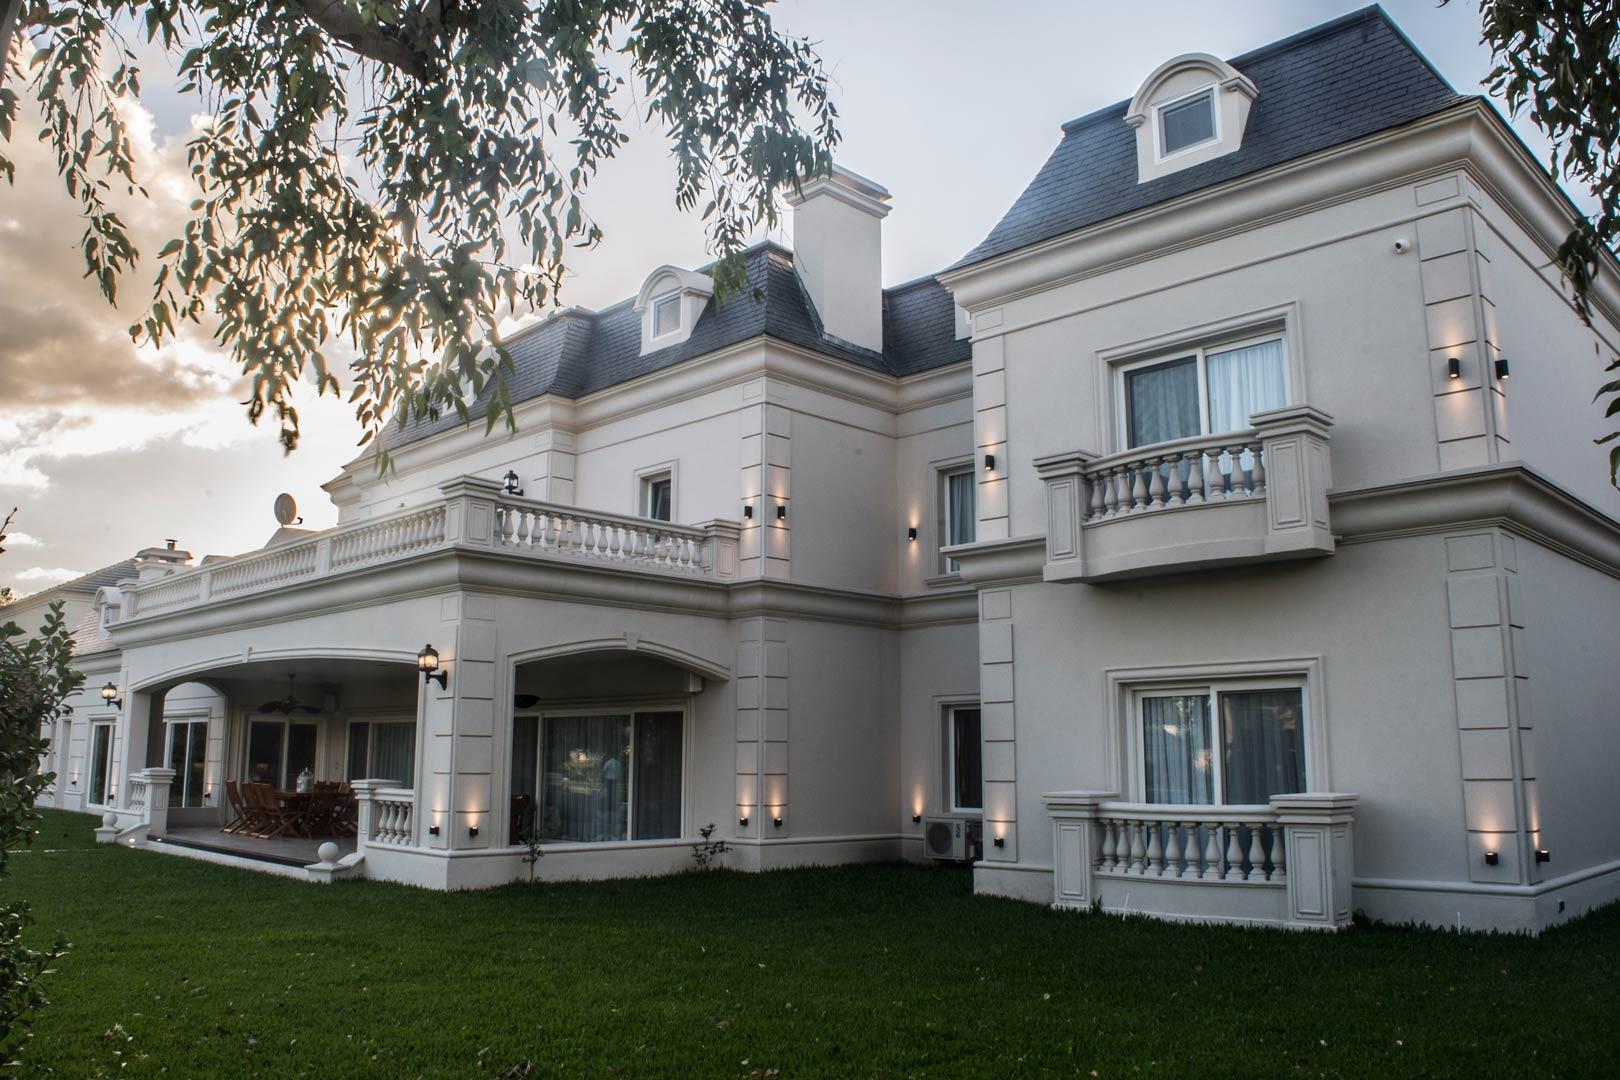 Estudio a r arquitectos casa estilo cl sico franc s - Casas estilo frances ...